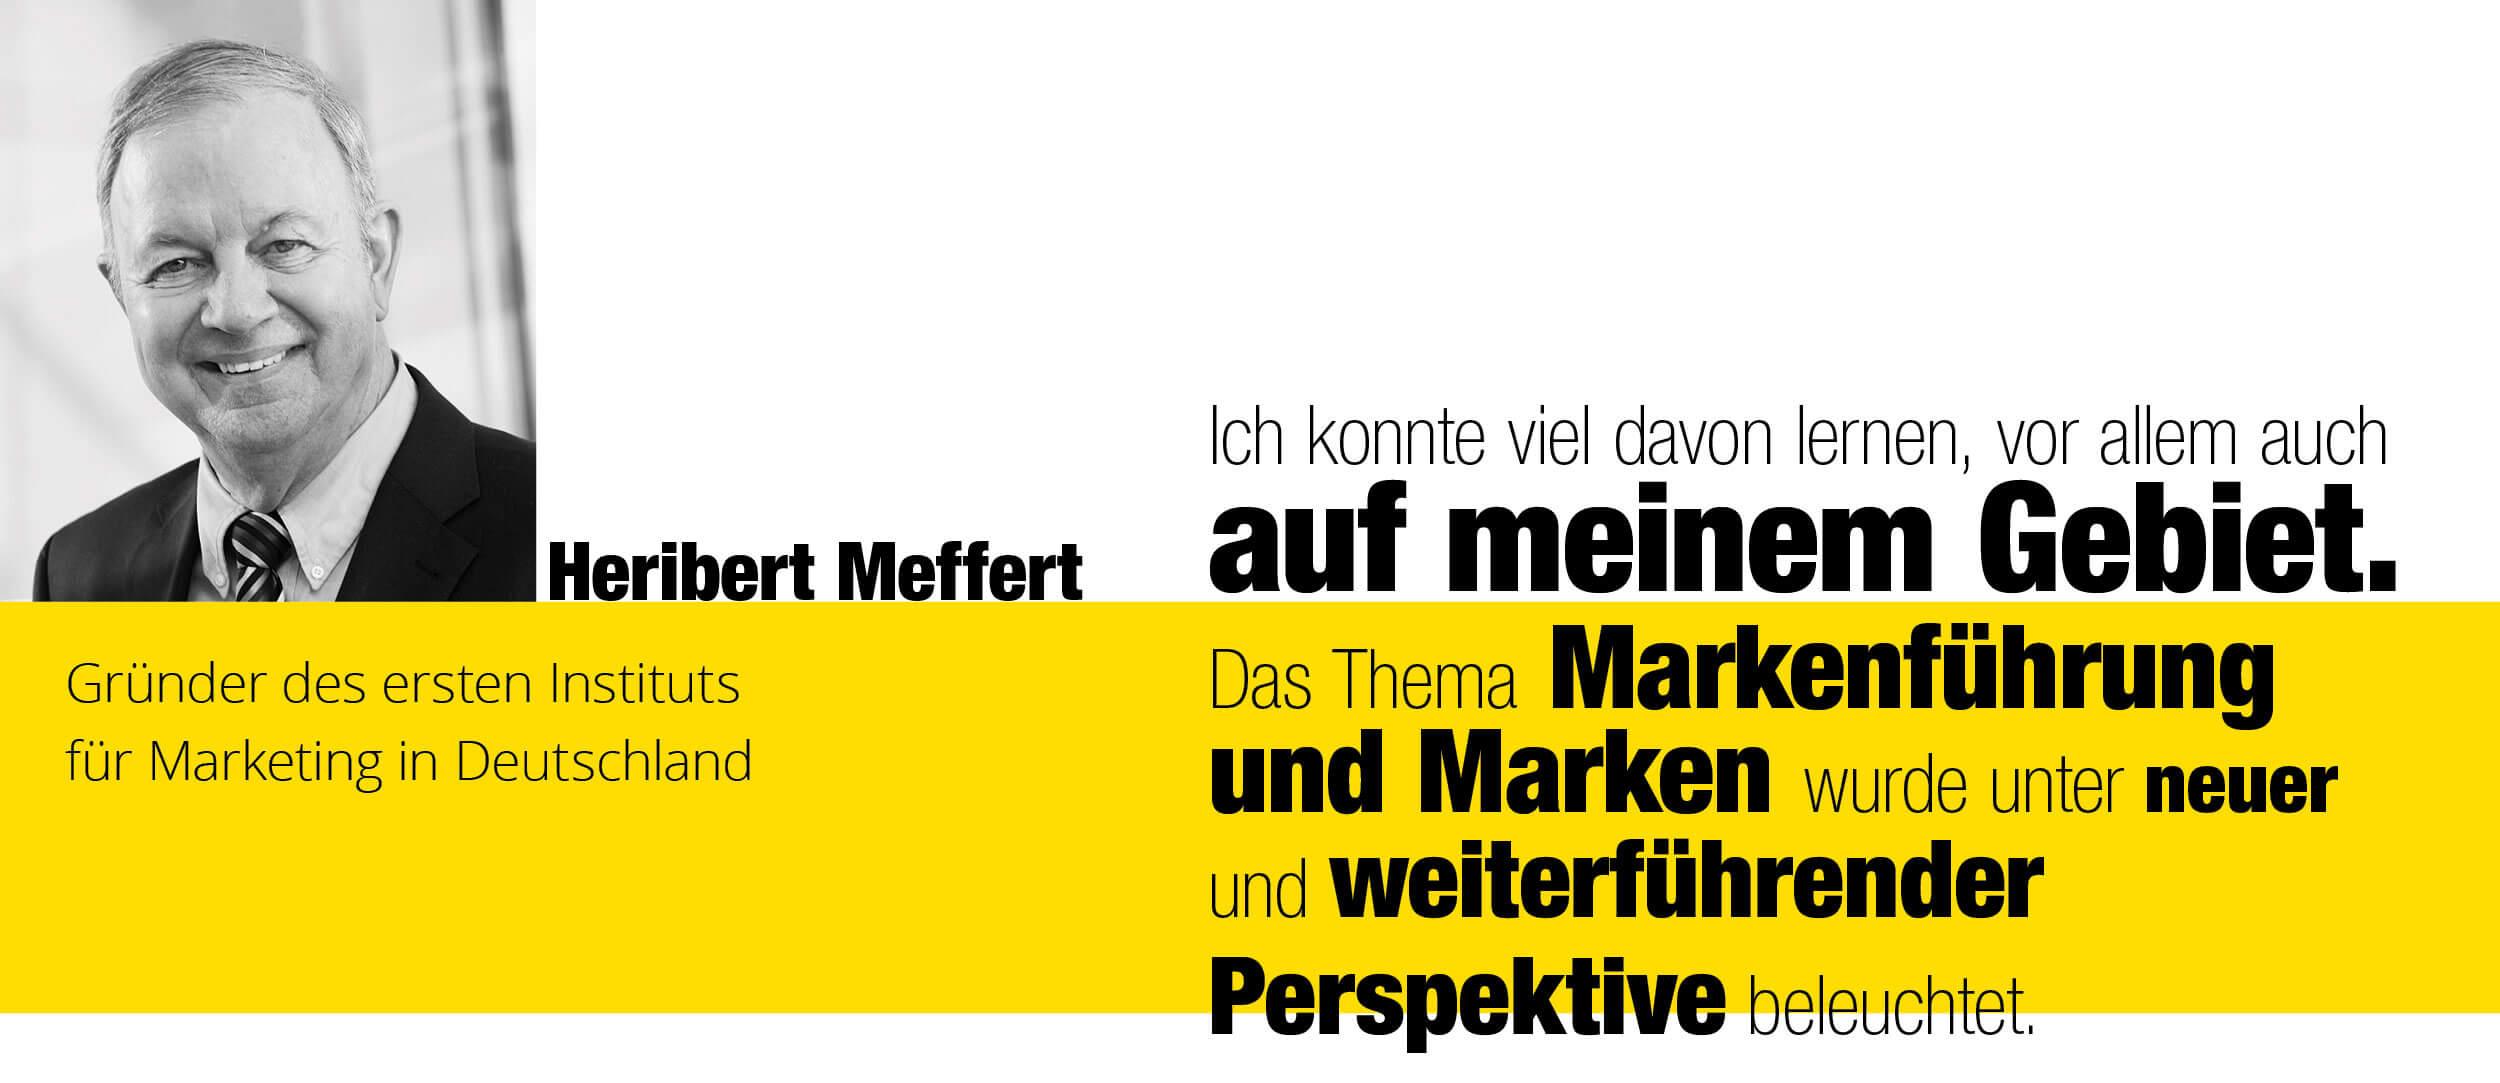 Zitat von Heribert Meffert